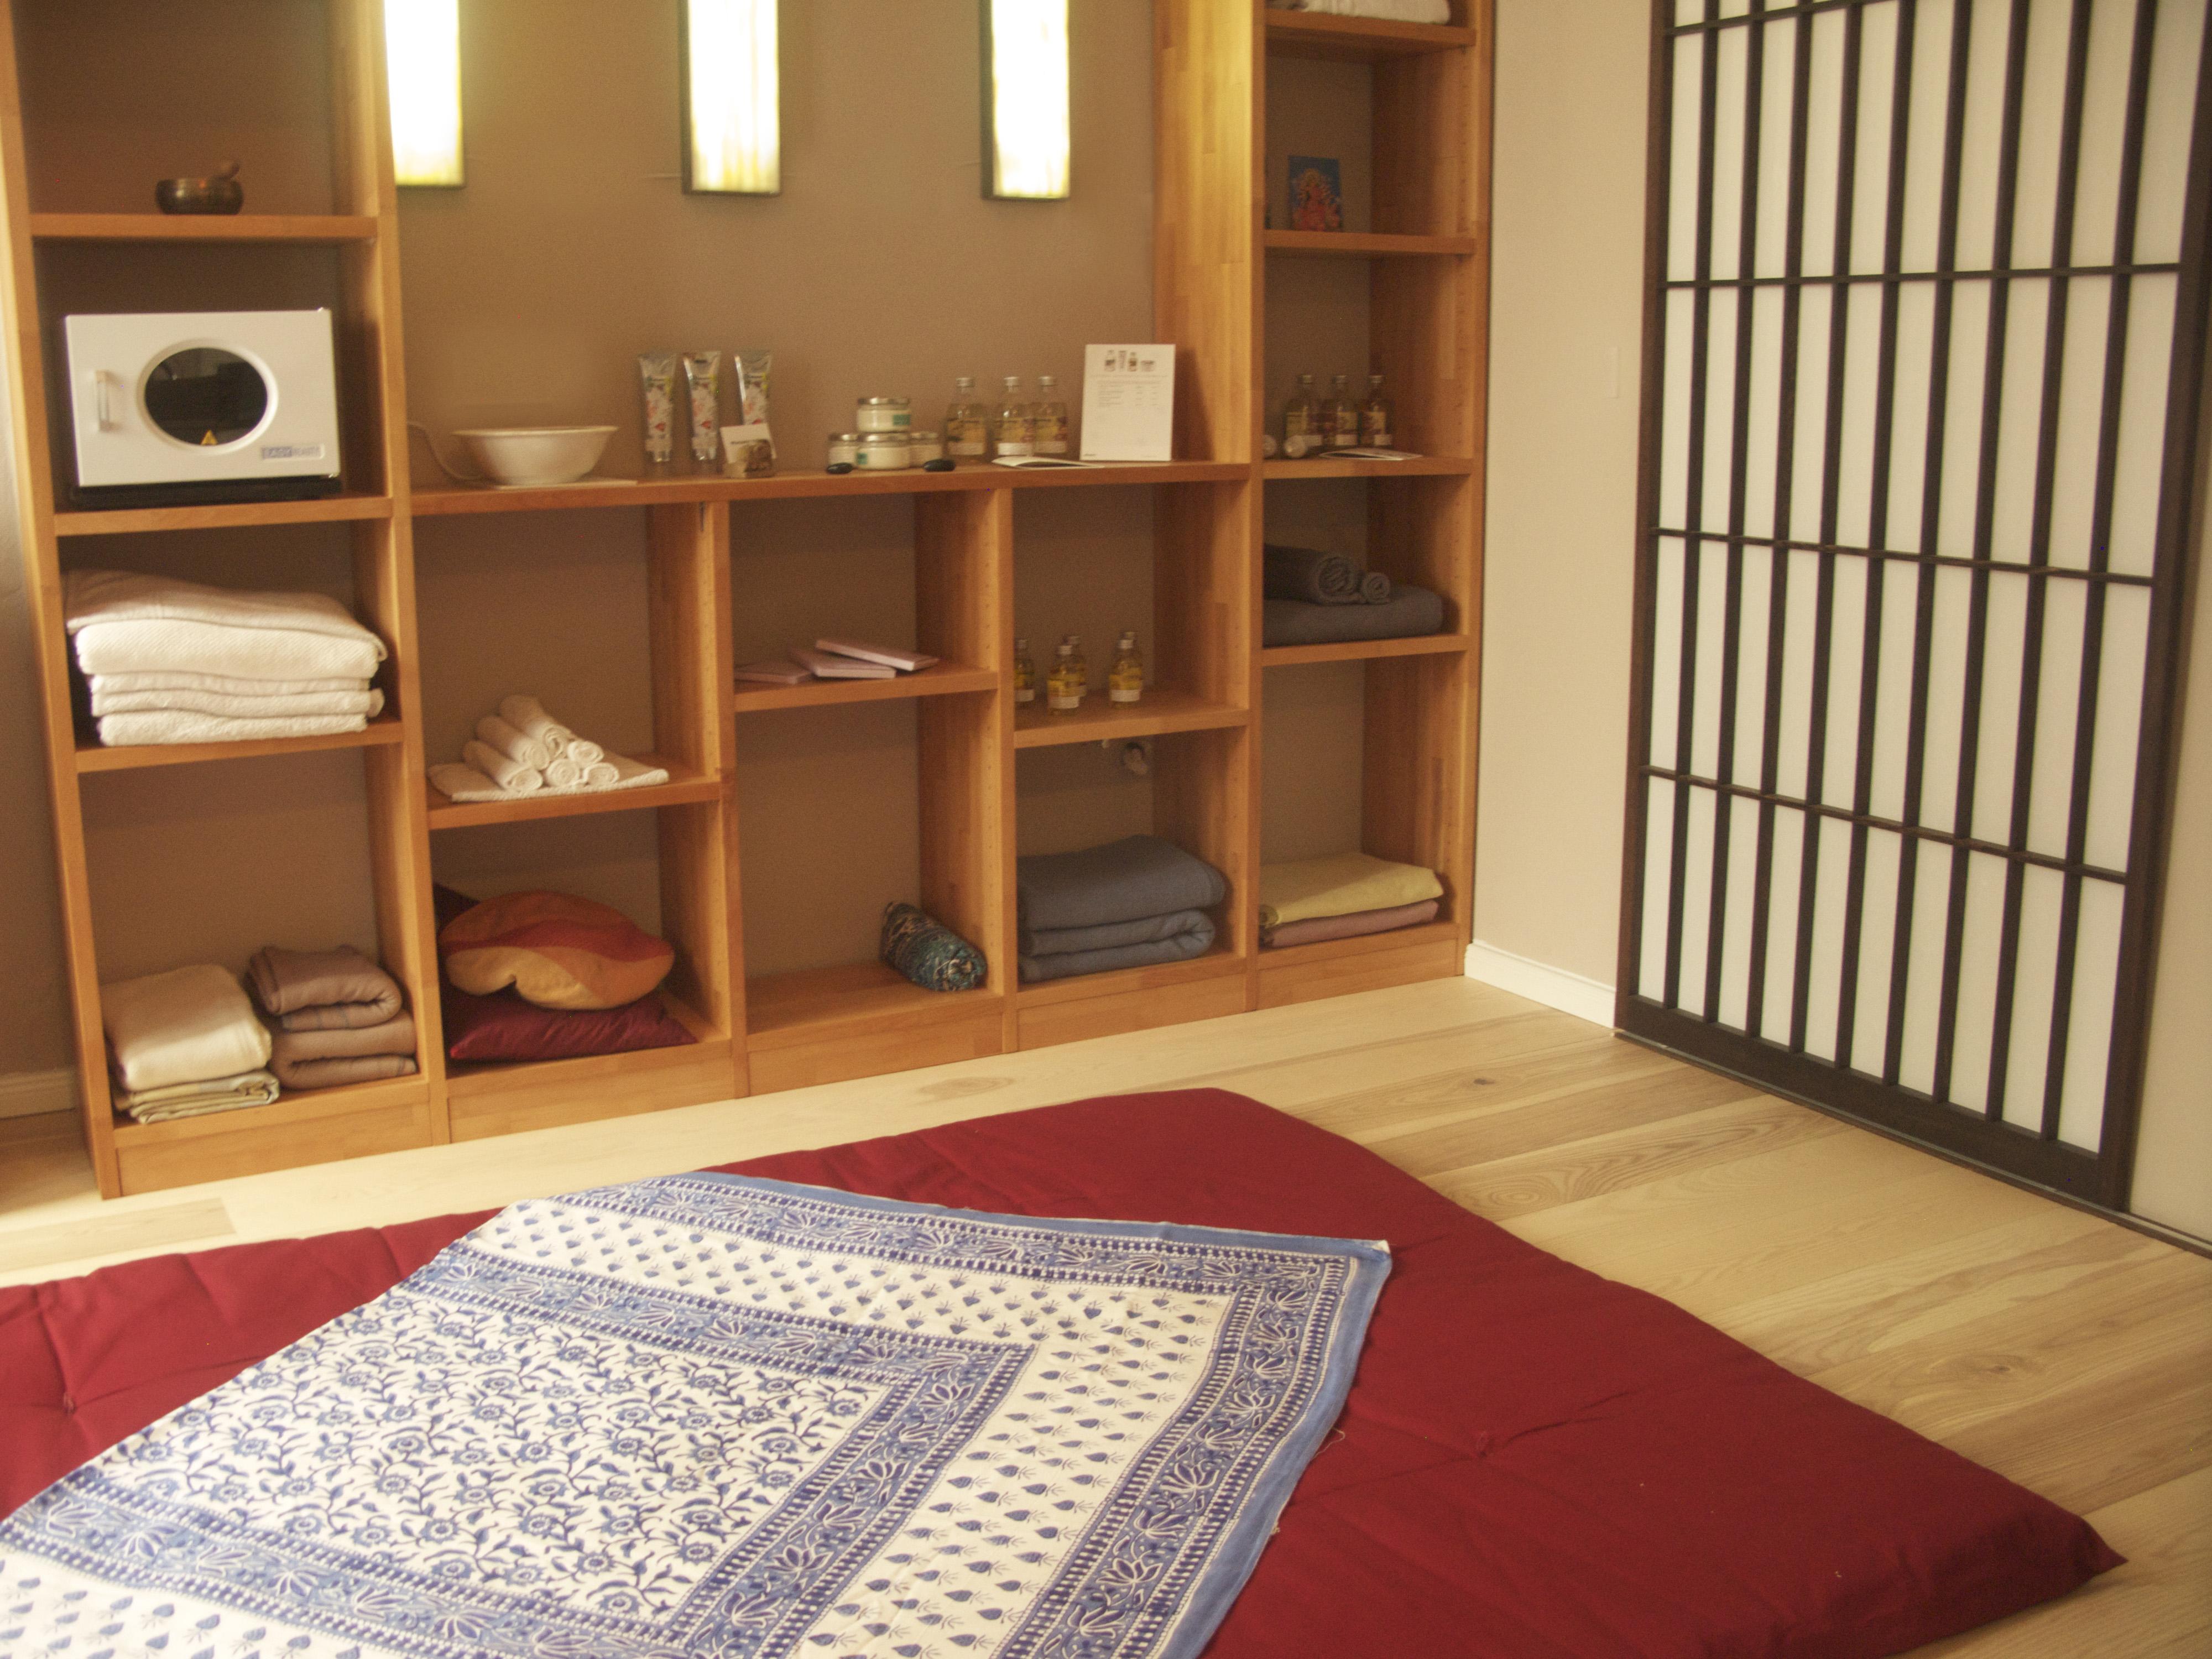 der massage salon monkey temple in alt treptow monkey temple thai massage yoga in berlin. Black Bedroom Furniture Sets. Home Design Ideas